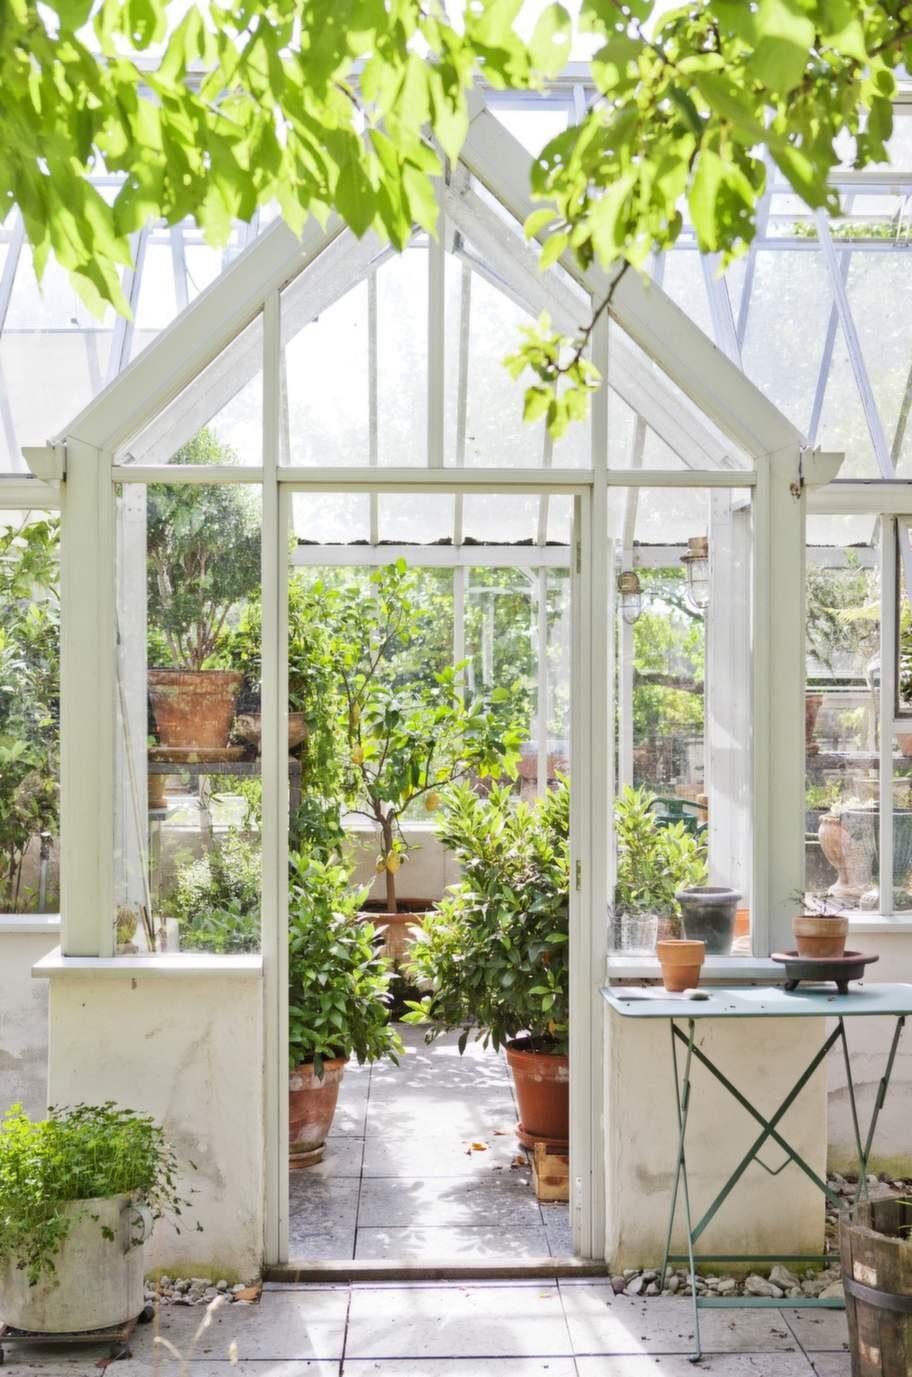 Ingången    till växthuset är både inbjudande och lockar till   nyfikenhet. Det    stora citronträdet dignar av solgula frukter som  trivs  bakom glas.<br><p><br></p><p>Paret</p><p>2 Eva och Örjan framför huset i Mickels.</p>